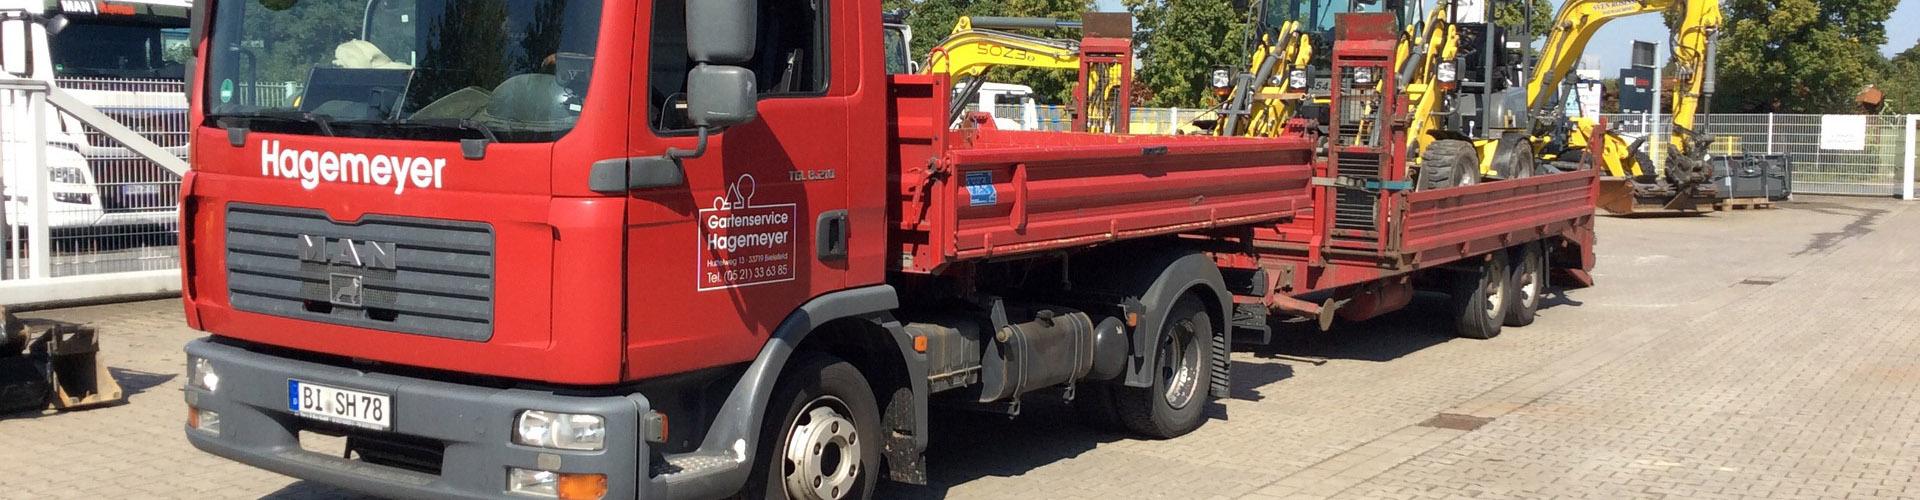 Unser LKW transportiert 3,5 t Zugmaschine und 8,5 t Anhänger